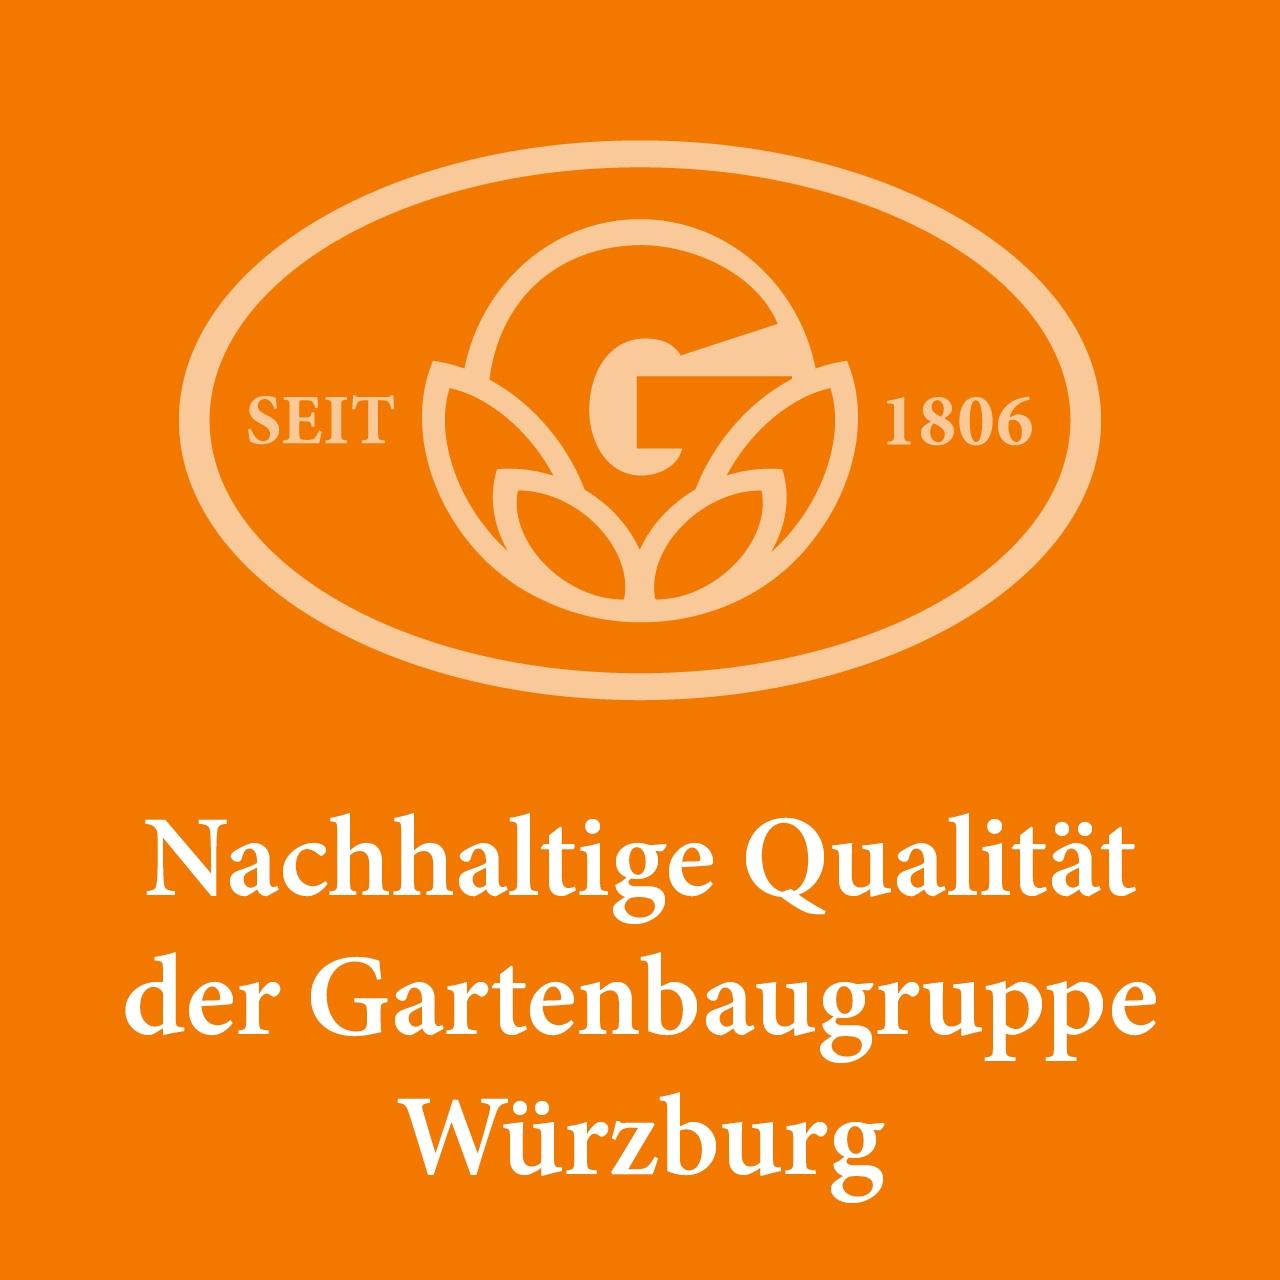 Gartenbaugruppe Siegel Nachhaltige Qualitaet Quad